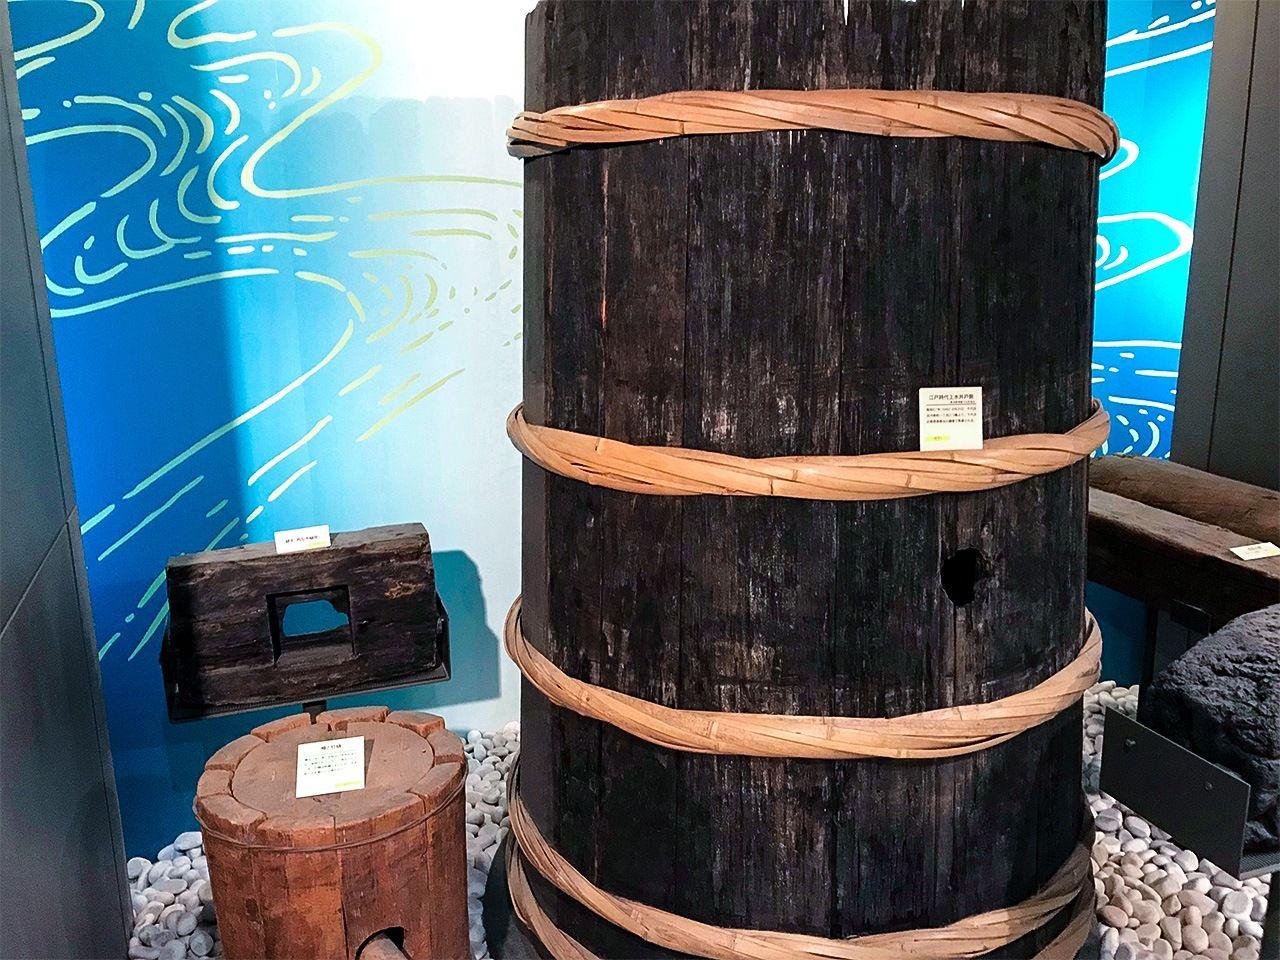 井戸最深部の桶/水道歴史館の展示物